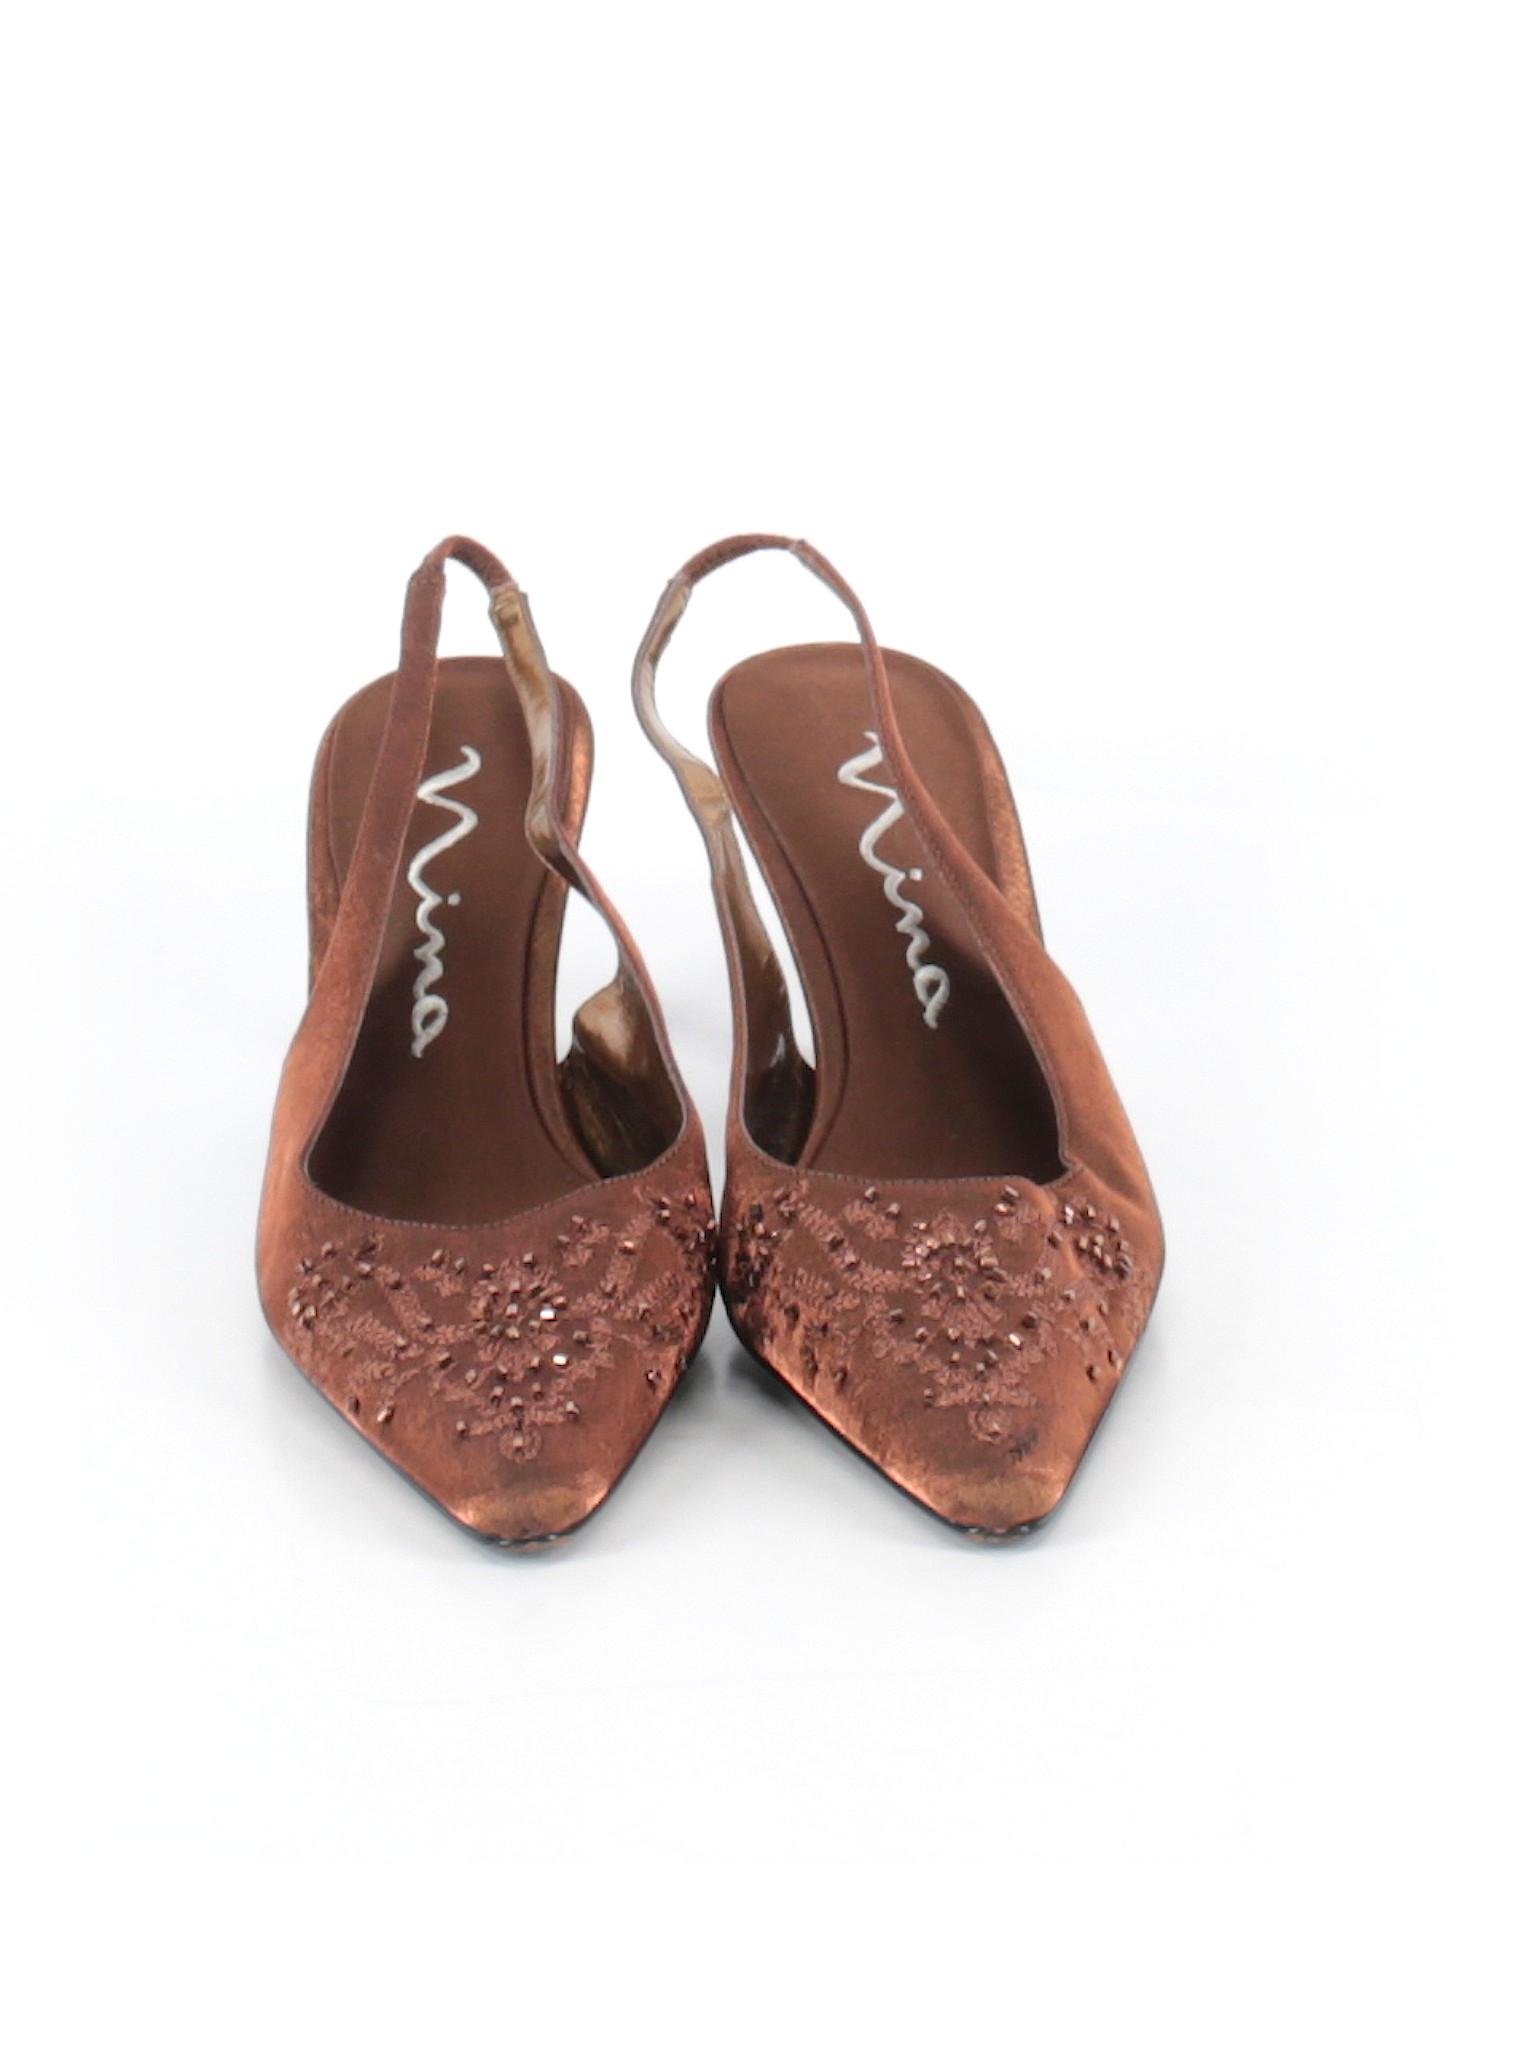 Boutique Heels Boutique promotion Nina Boutique promotion Nina promotion Nina Heels Heels XxqXCwrt